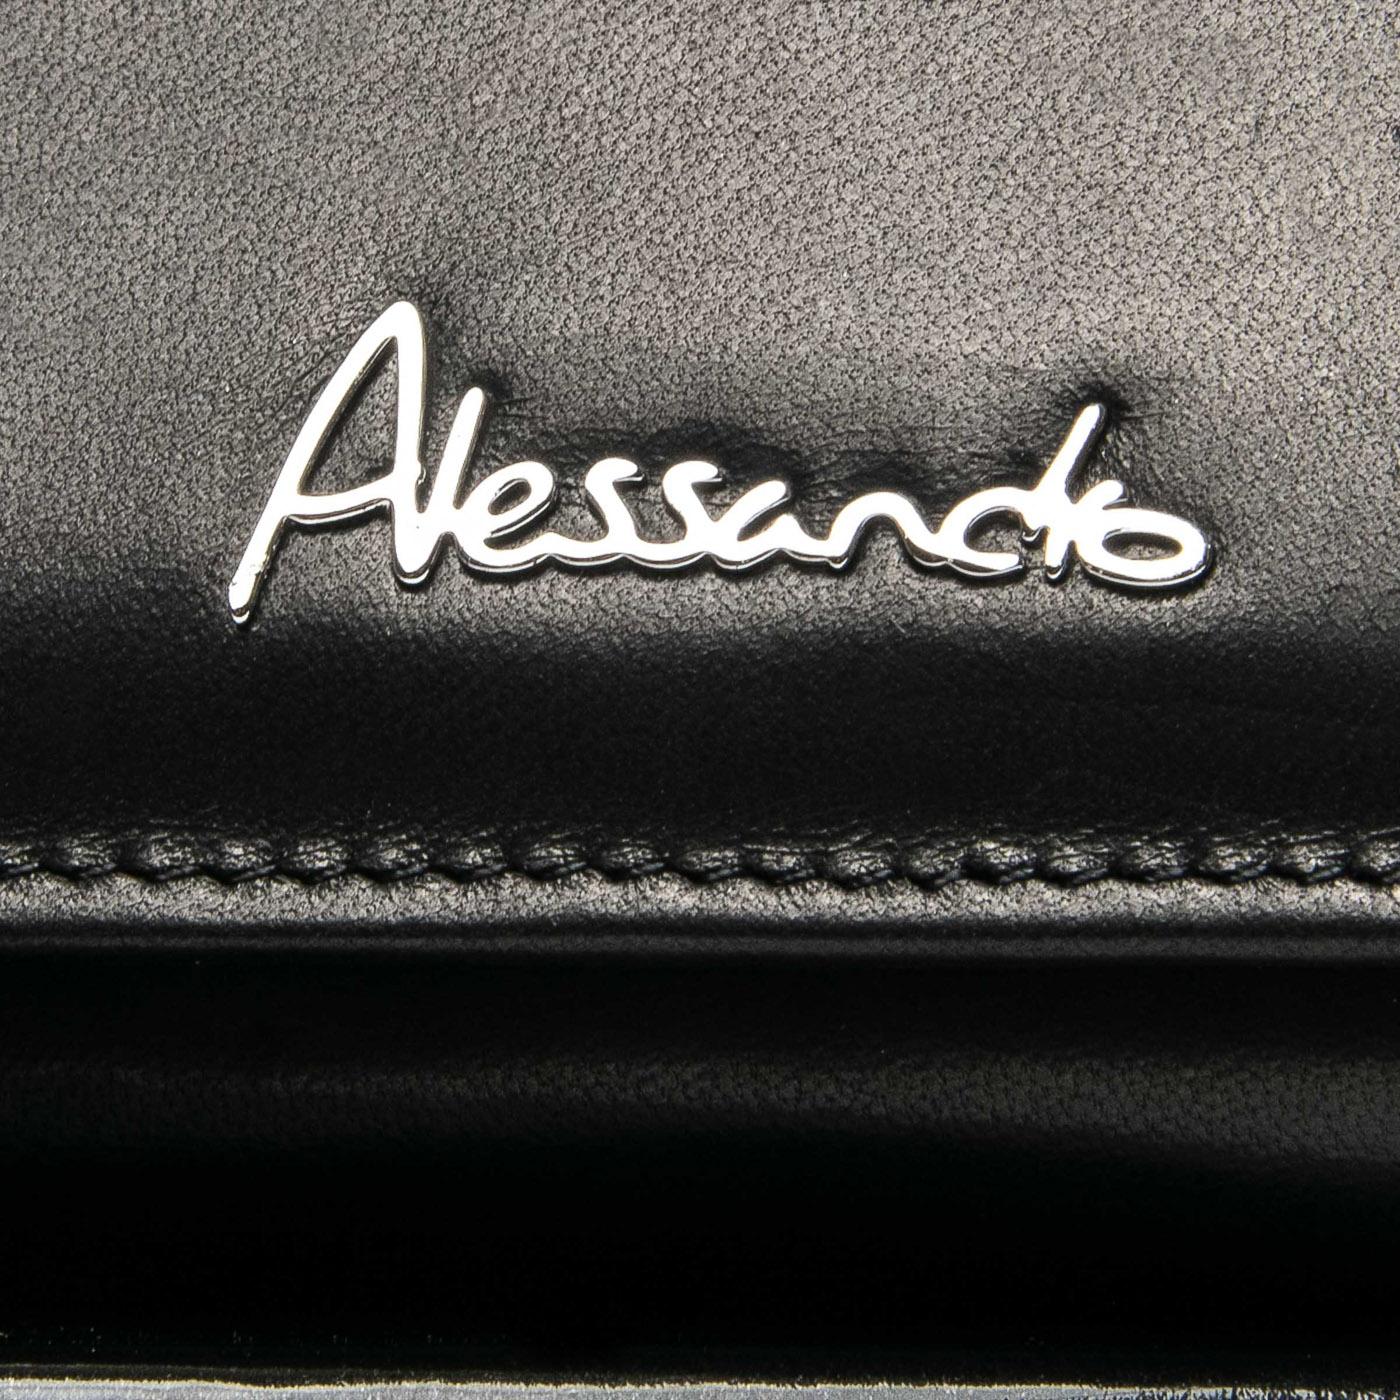 Кошелек NAPPA кожа ALESSANDRO PAOLI W501-2 black - фото 3